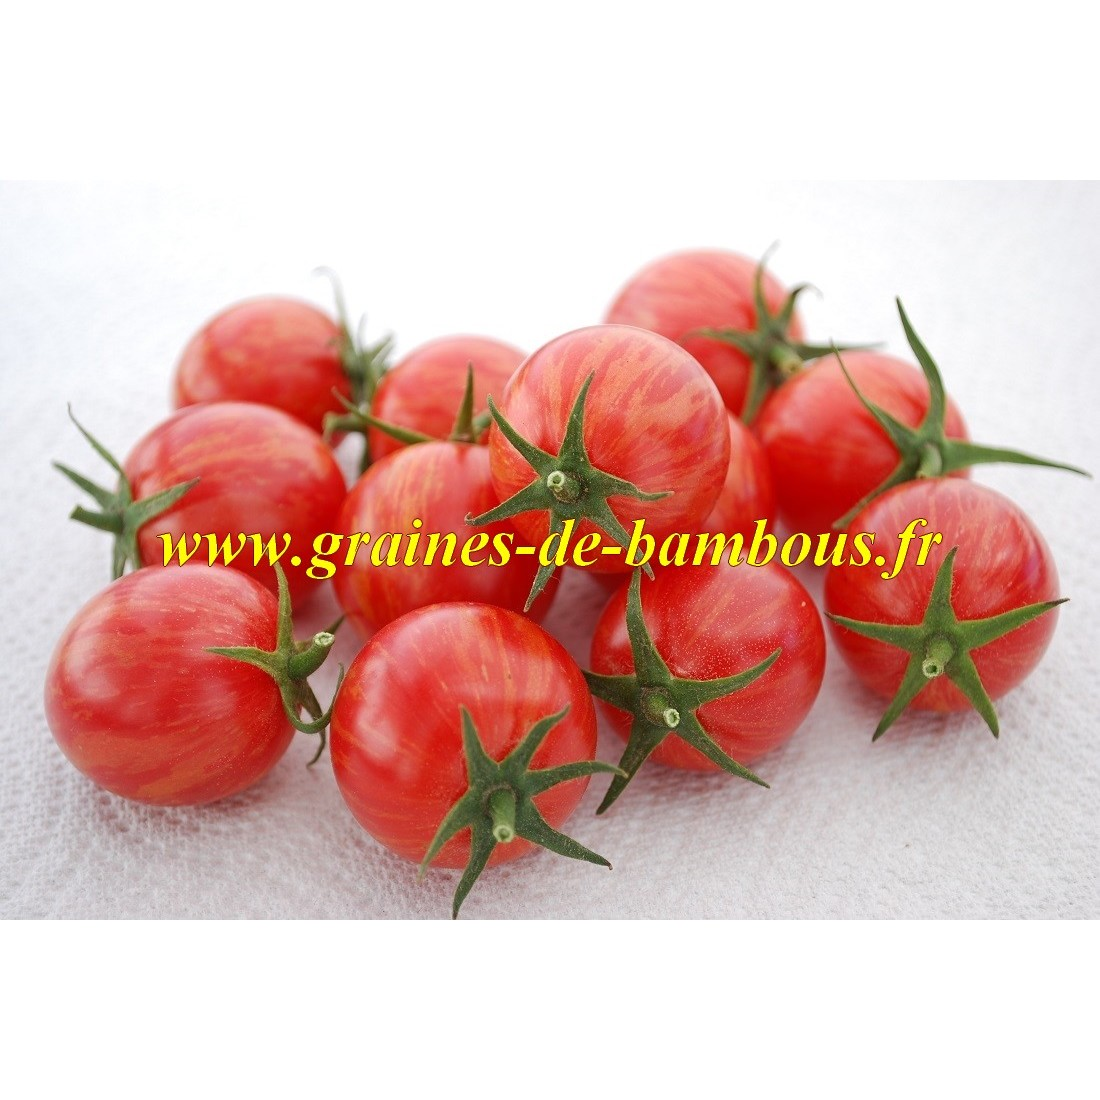 Semences tomate pink bumble bee sur graines de bambous fr